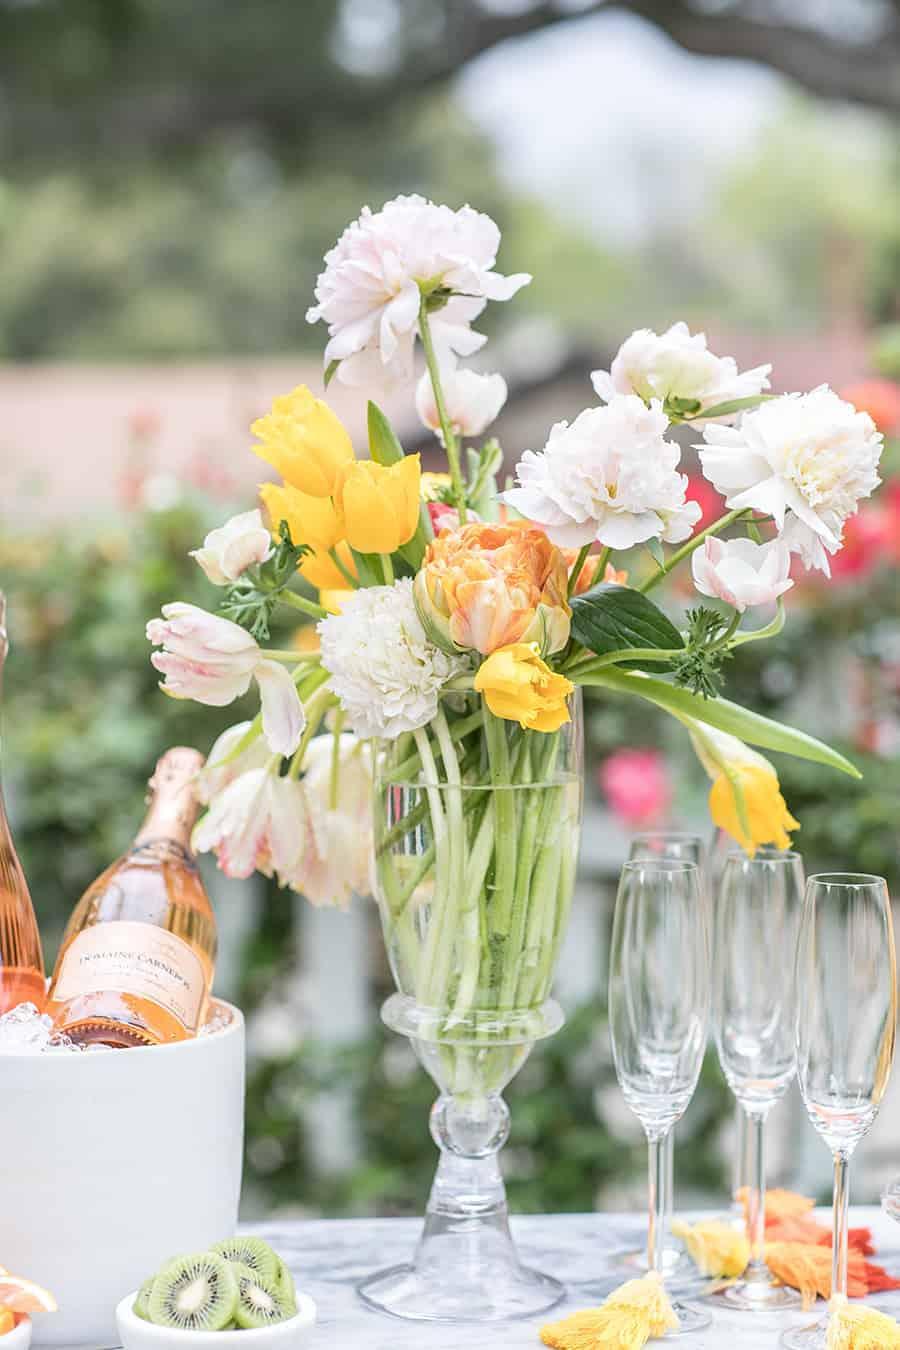 Flower arrangement for a graduation party.